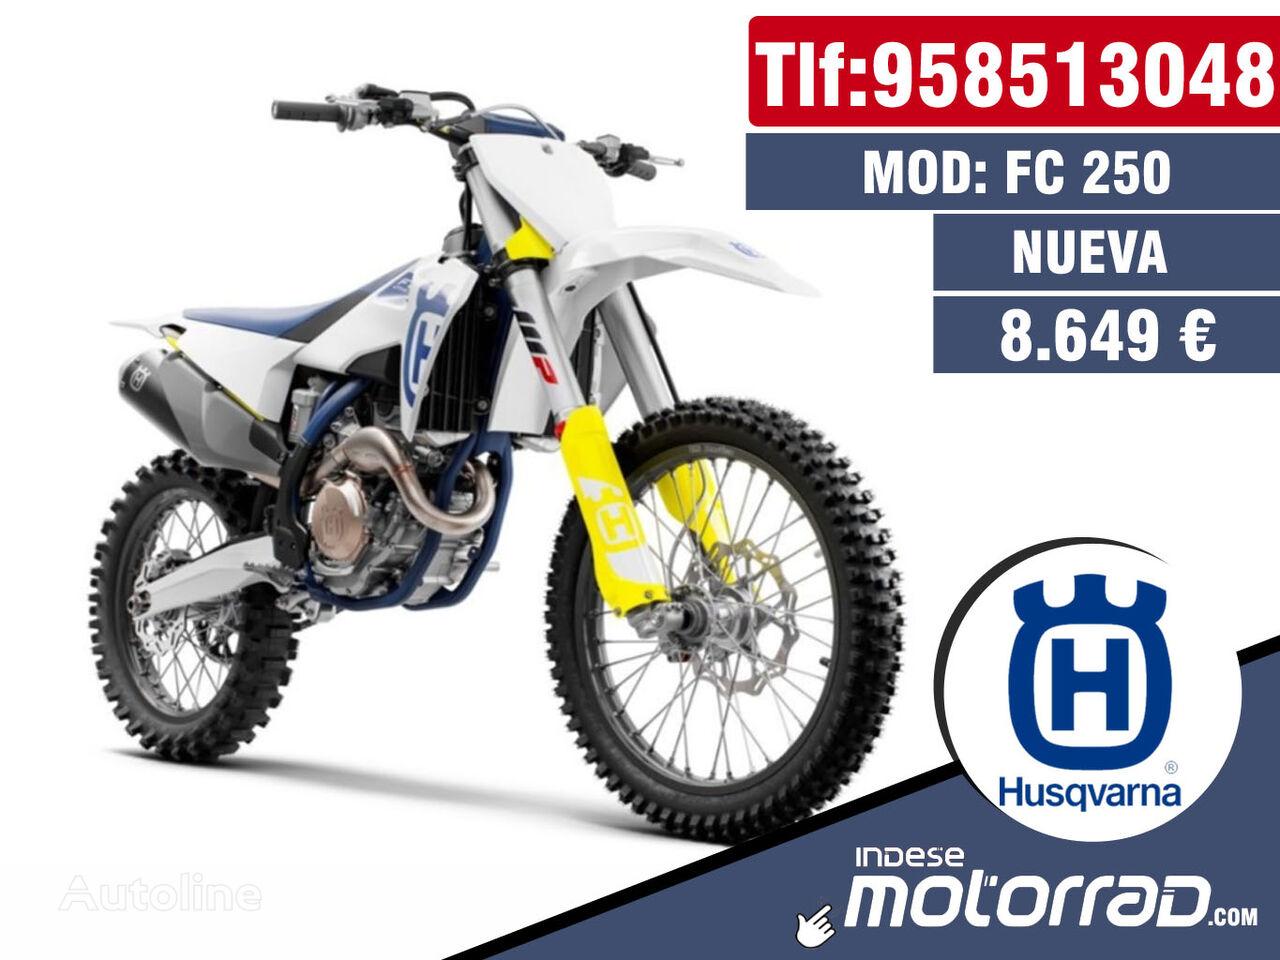 Husqvarna FC 25 moto